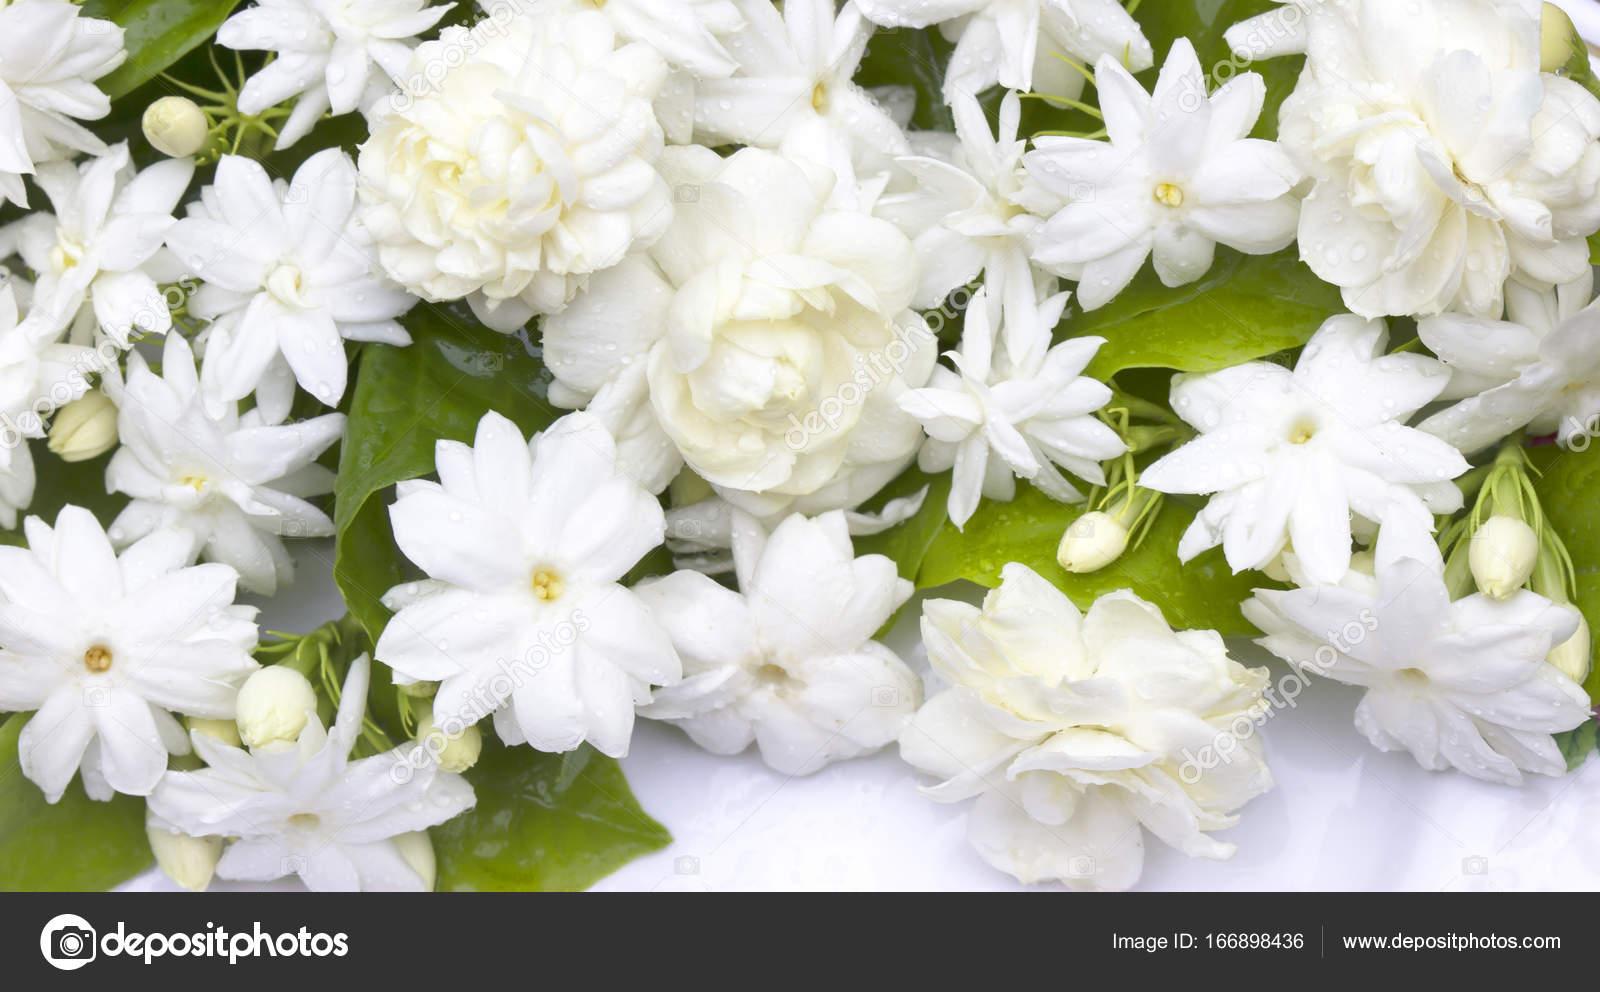 Jasmine flowers refreshing stock photo scenery1 166898436 jasmine flowers refreshing stock photo izmirmasajfo